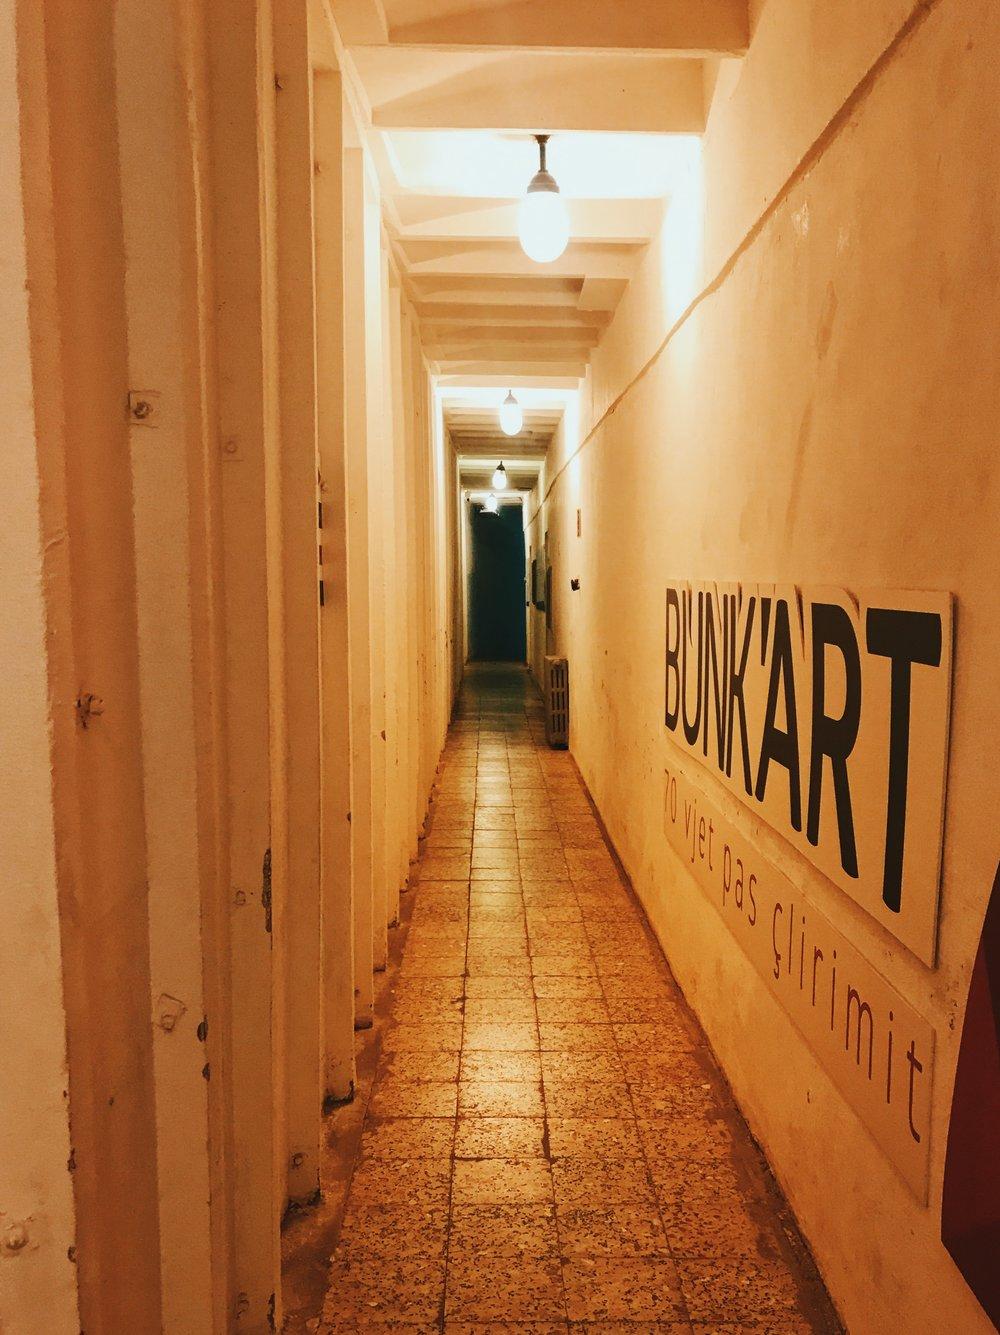 Inside Bunk'Art 1